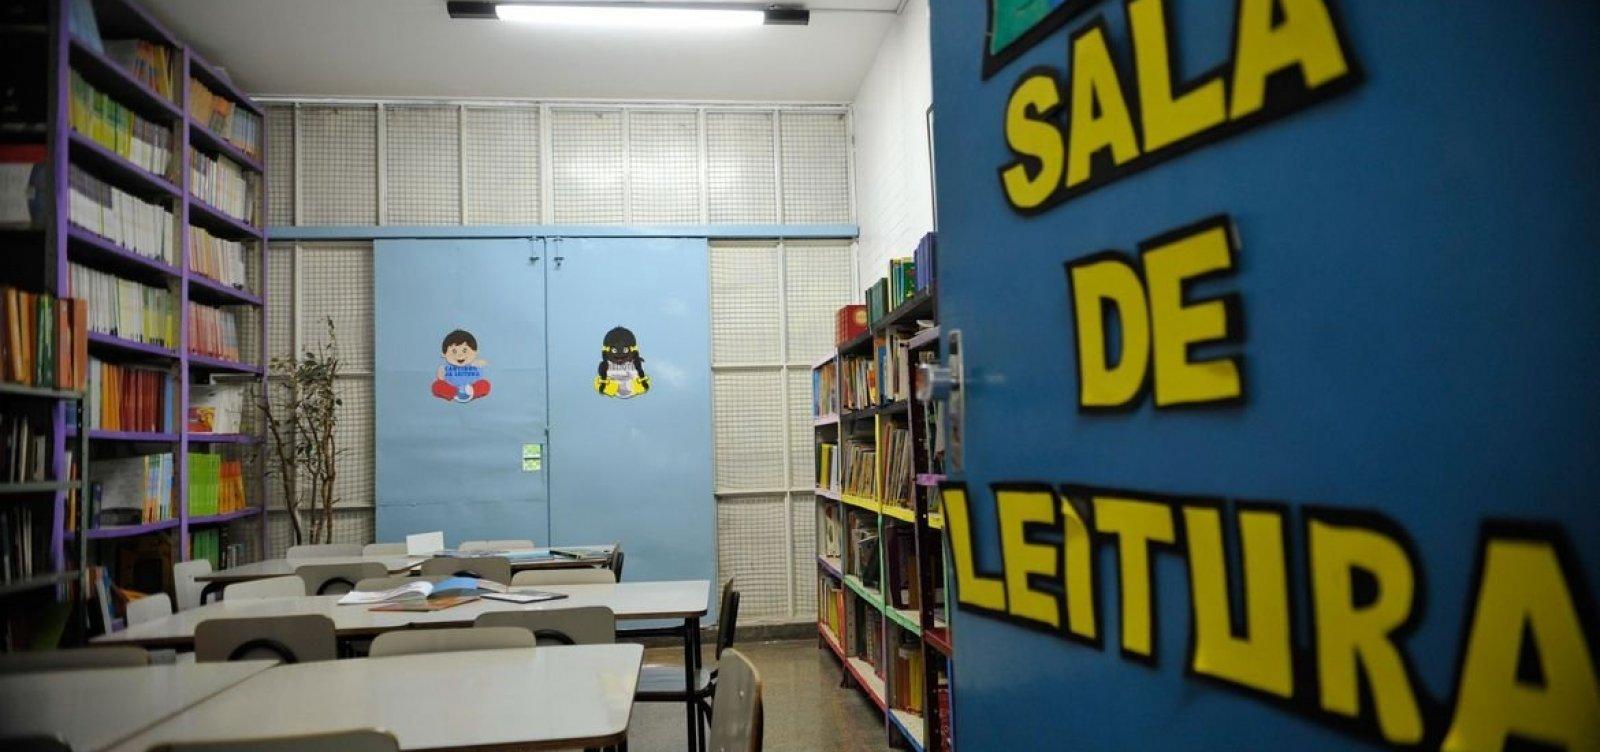 [SP fecha sete escolas por casos confirmados e suspeitos de Covid-19]